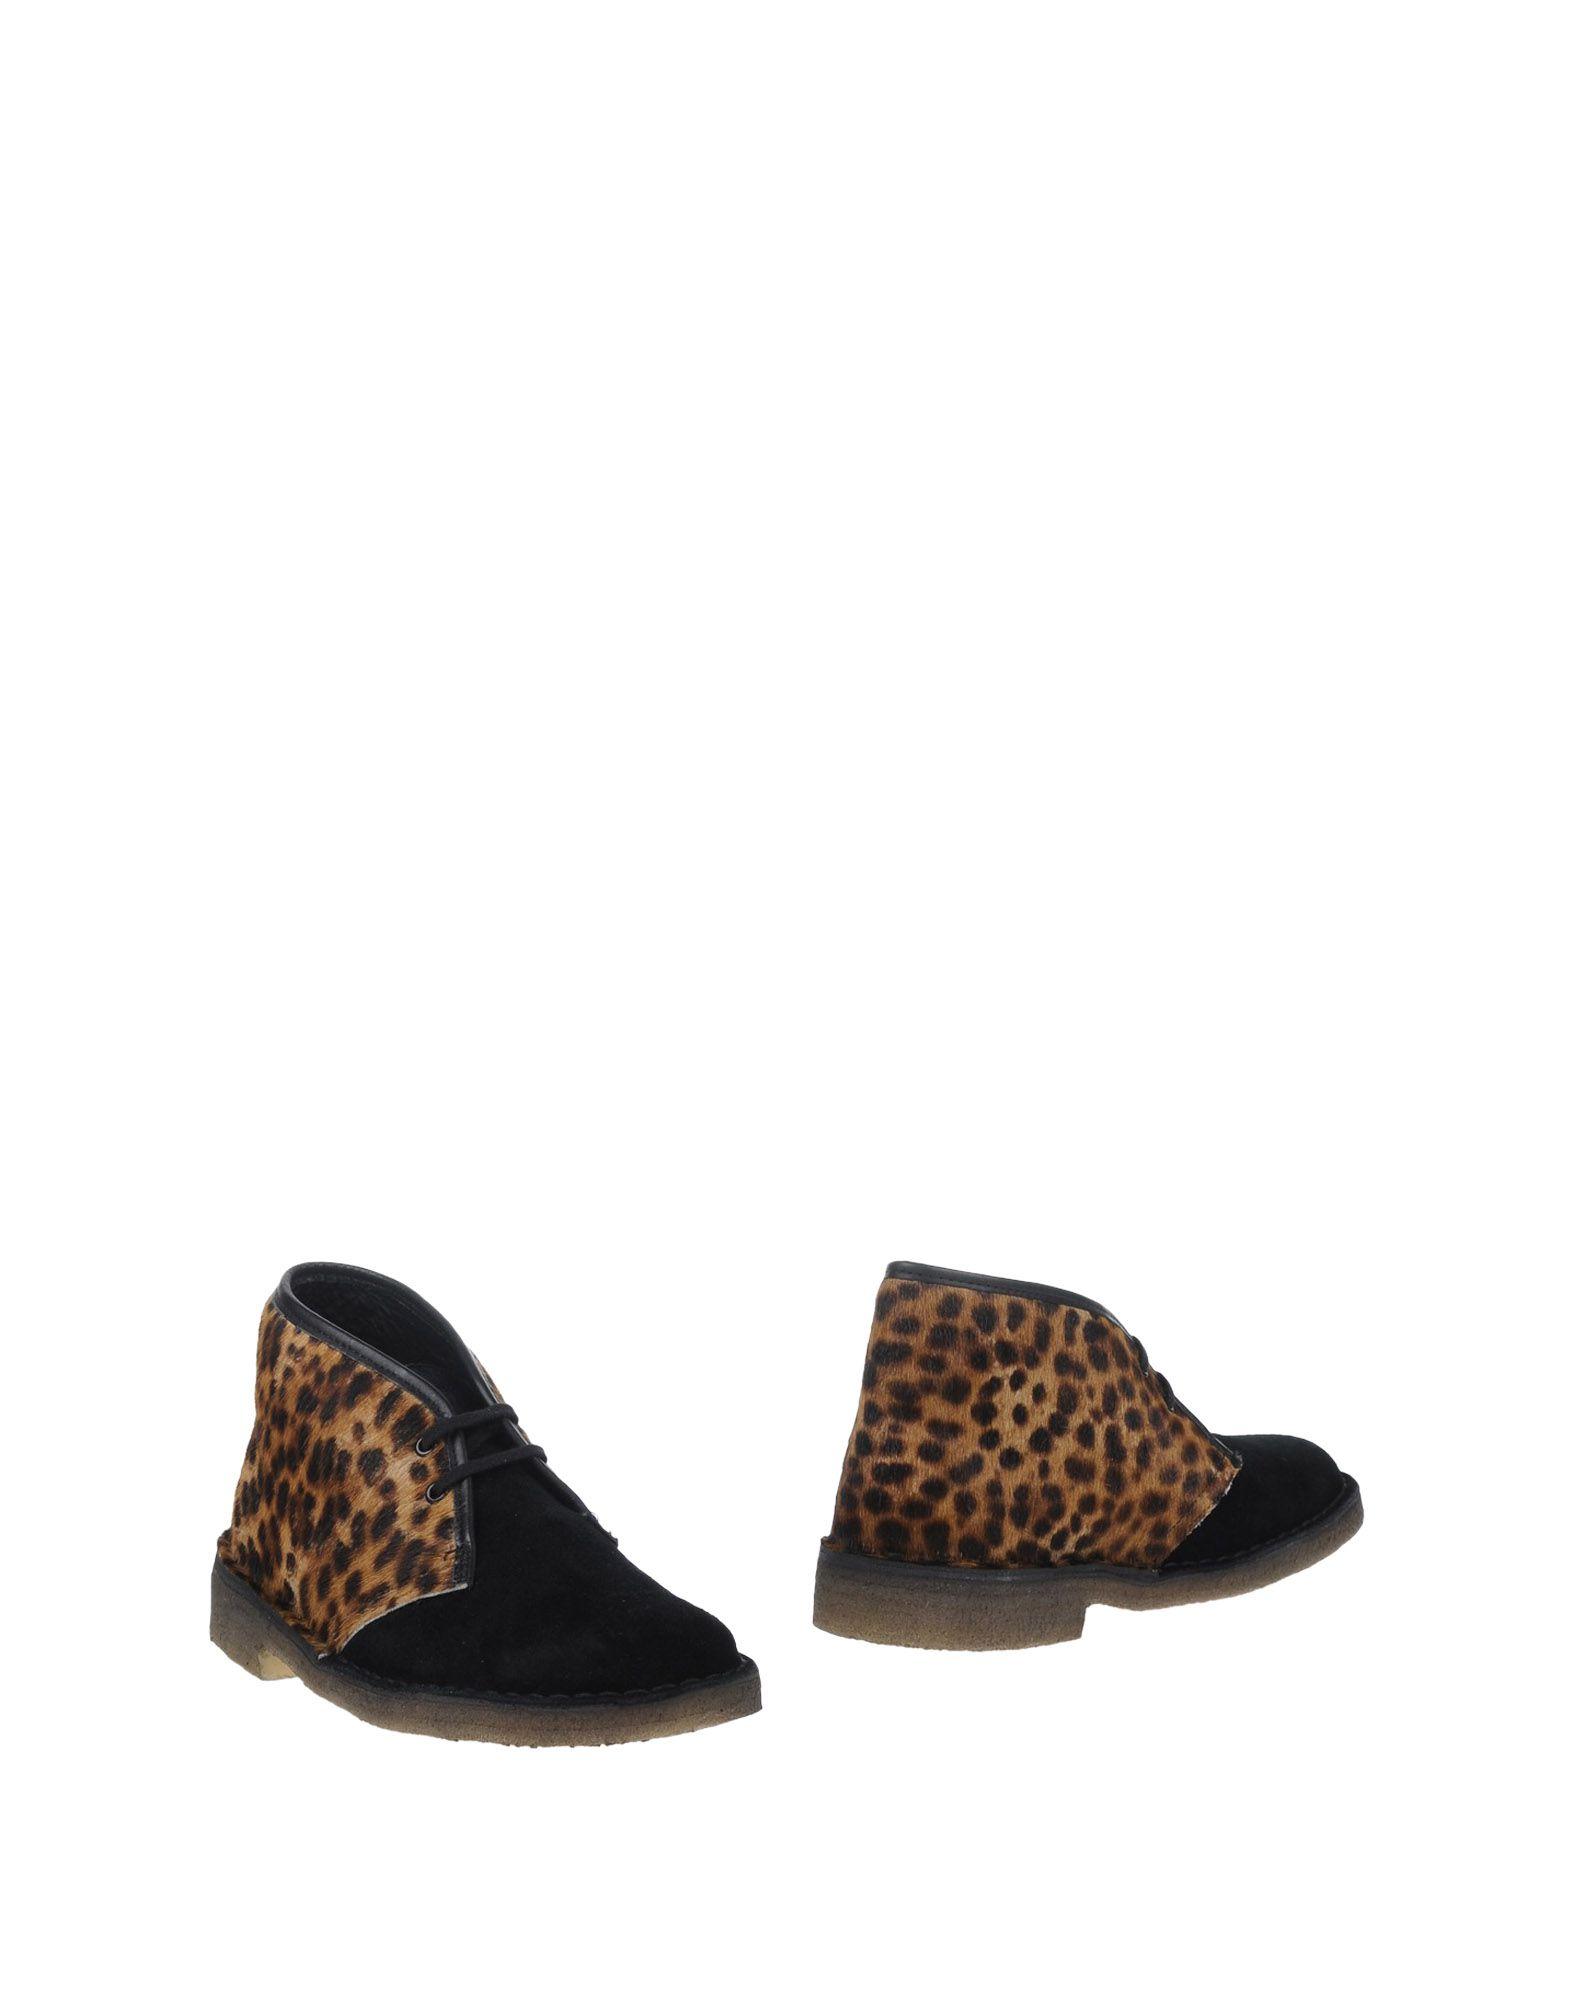 Clarks Originals Stiefelette Damen Schuhe  44945001SO Gute Qualität beliebte Schuhe Damen 0fde76